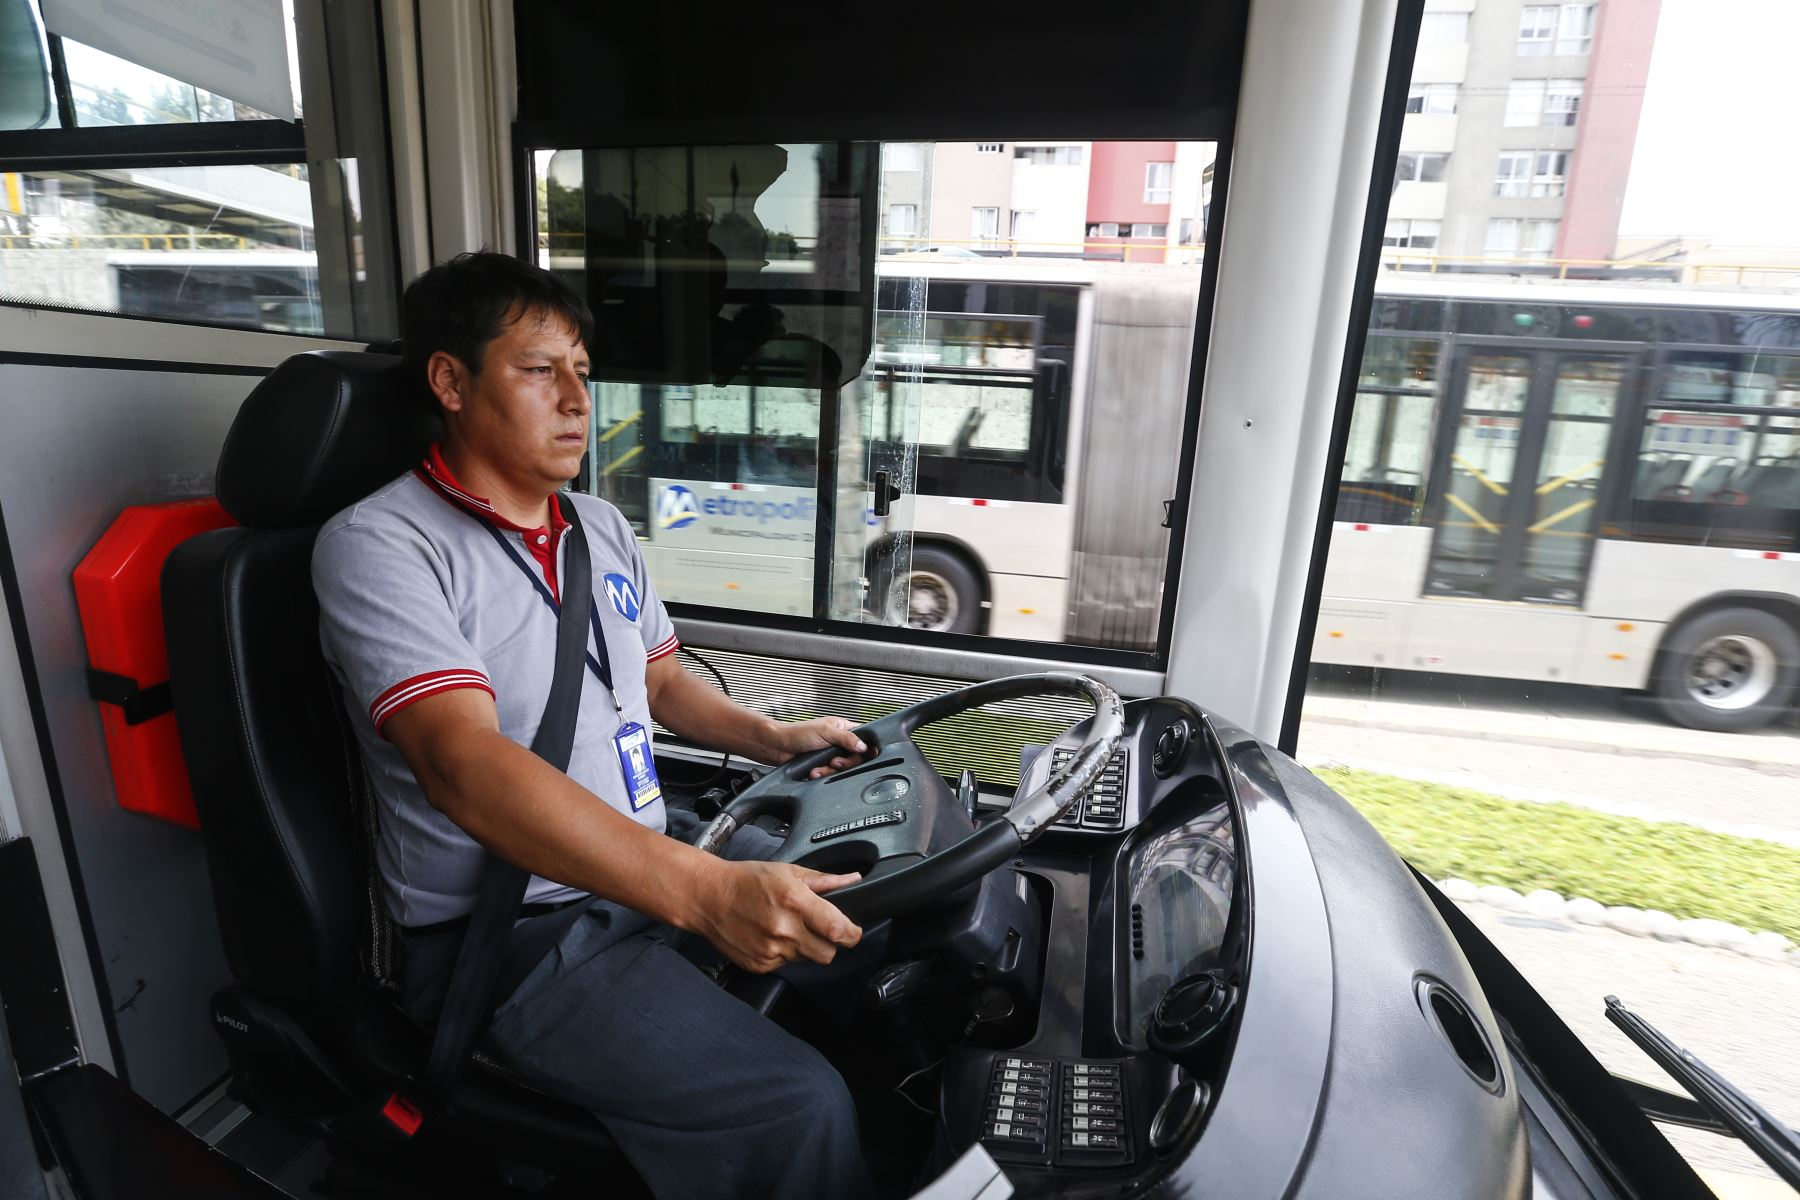 El alcalde Jorge Muñoz inaugura la nueva estación Andrés Reyes del Metropolitano, que beneficiará a 26 mil usuarios que utilizan a diario el servicio. Foto: ANDINA/Jhonel Rodríguez Robles